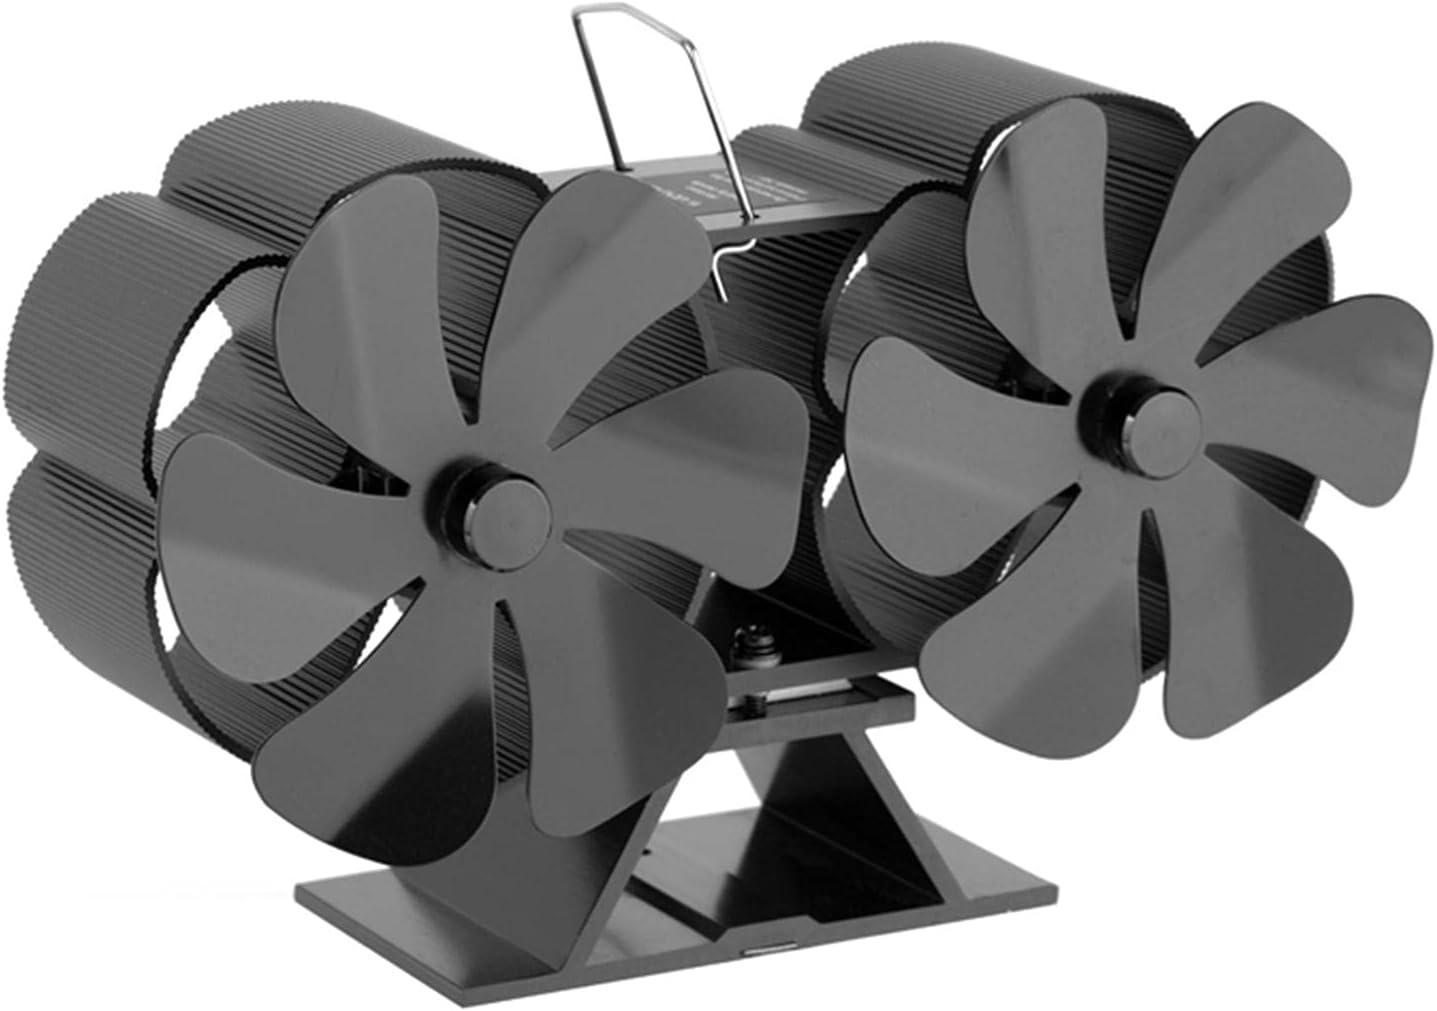 Ventilador De Chimenea De 12 Hojas Ventilador De Estufa Habitaciones Para Estufas De Leña Estufas De Leña Respetuoso Con El Medio Ambiente Sin Electricidad